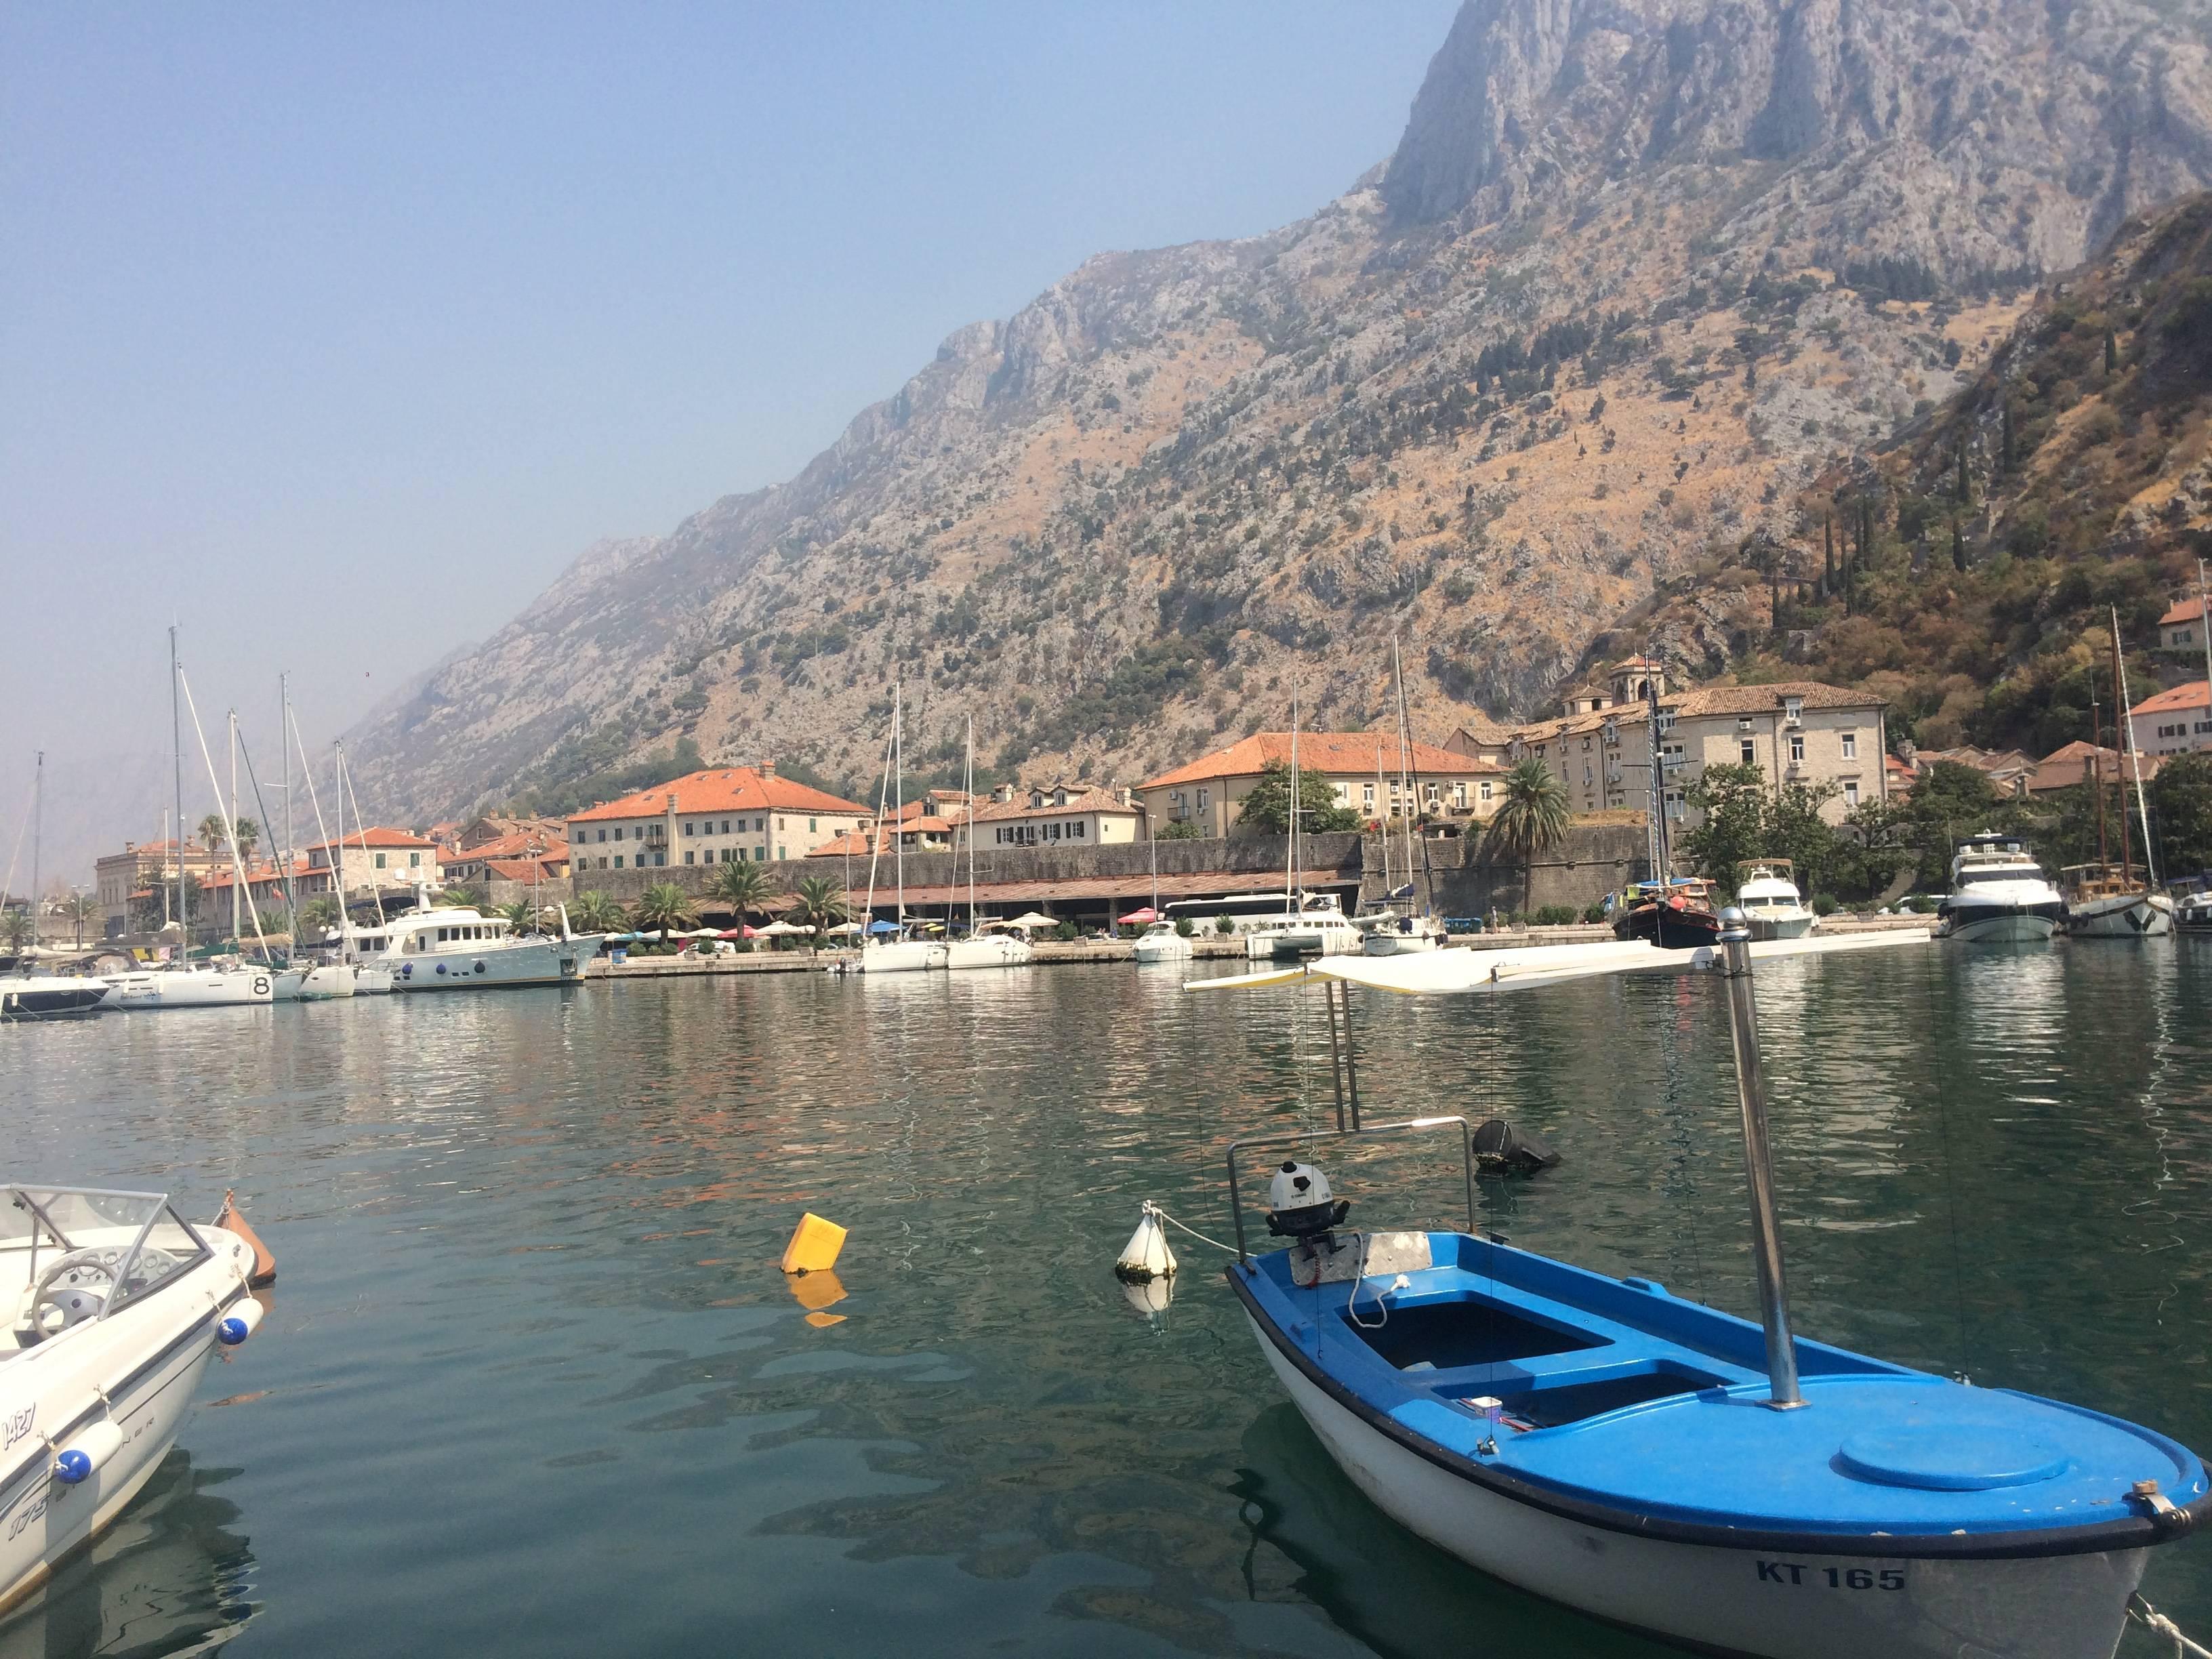 Photo 1: La vieille Ville de Kotor